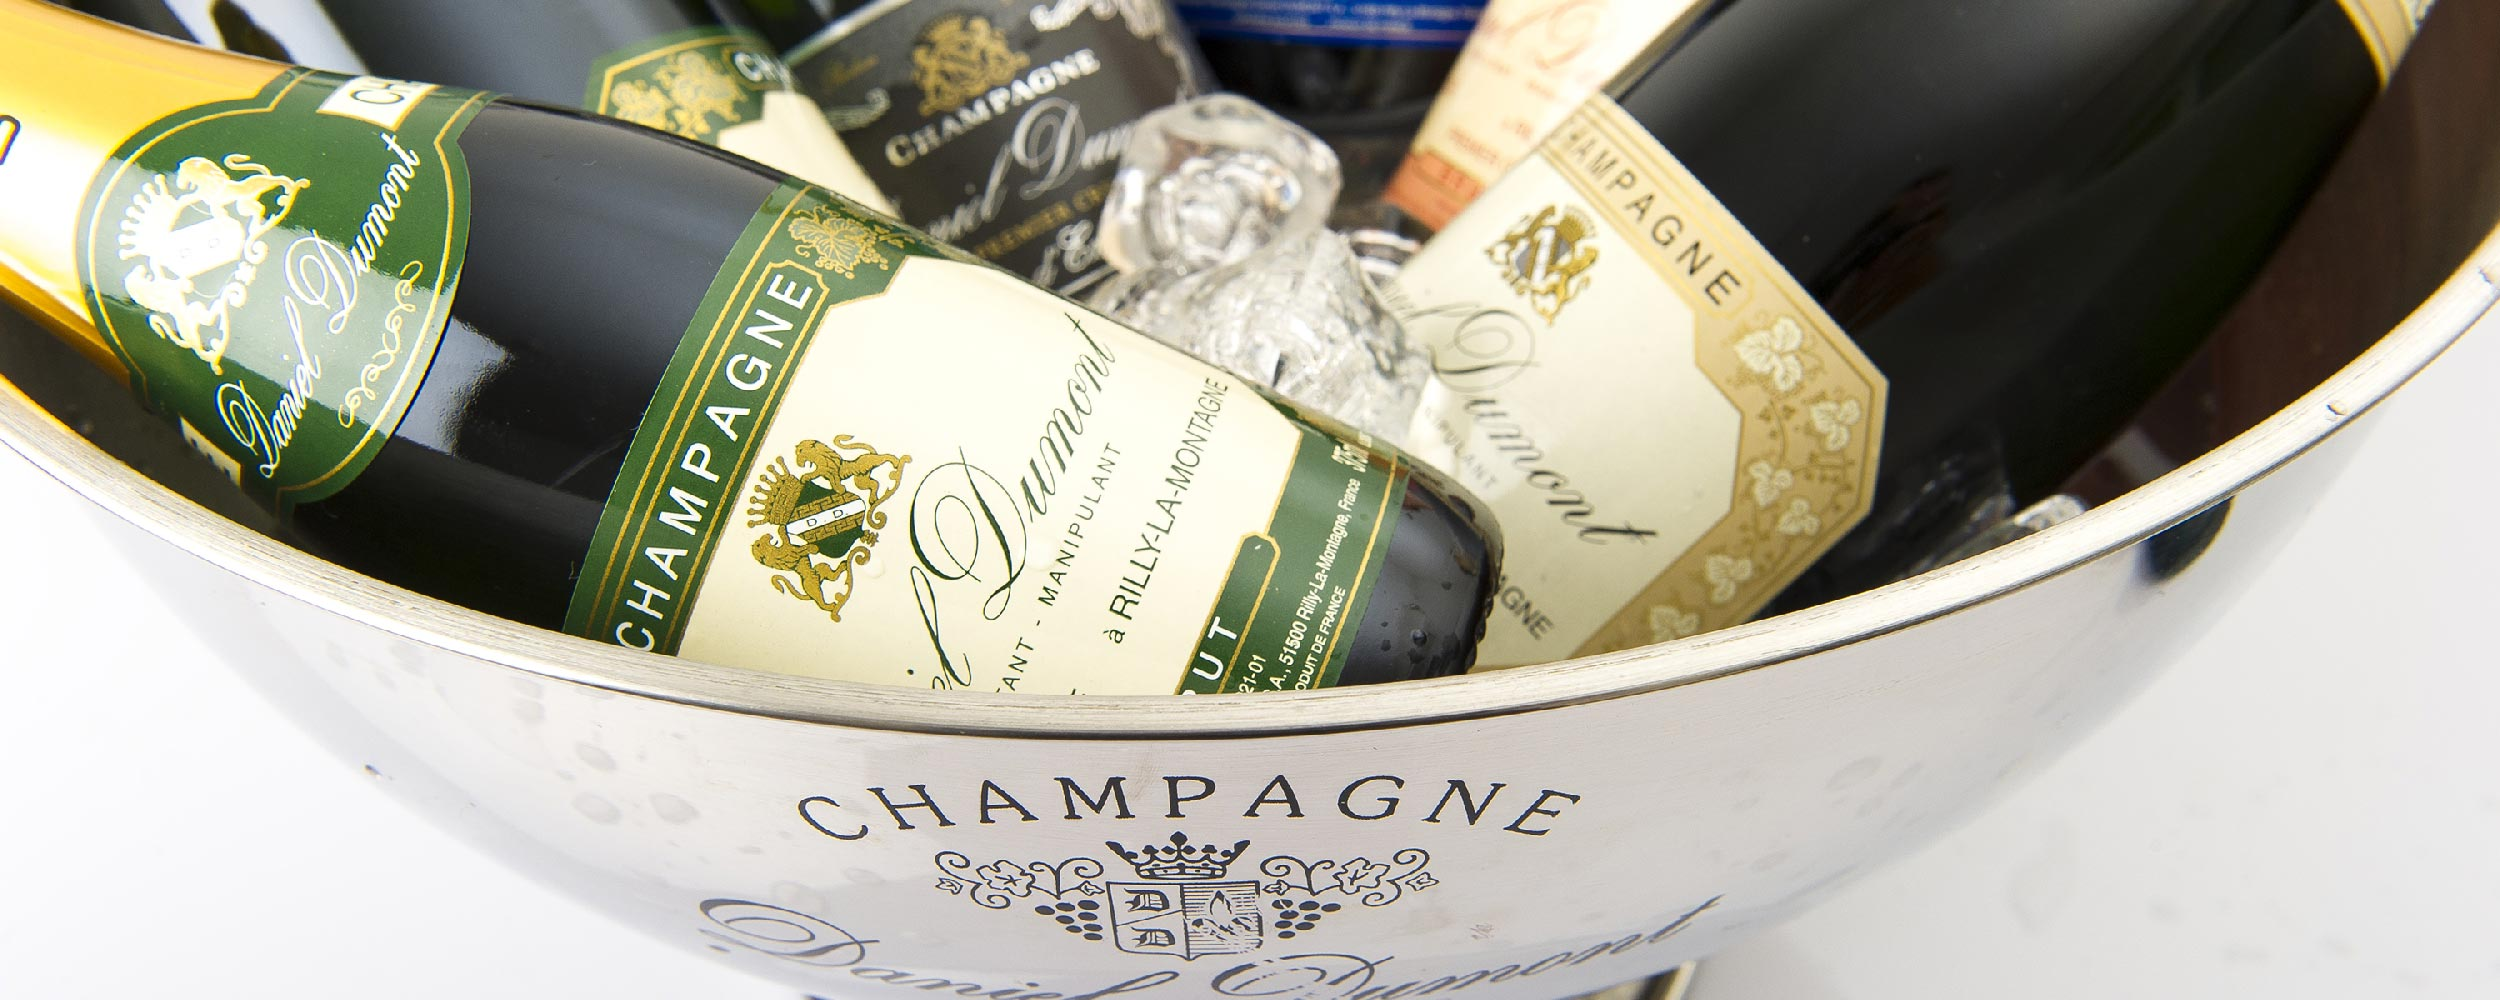 Image De Champagne champagne daniel dumont – vignerons à rilly-la-montagne